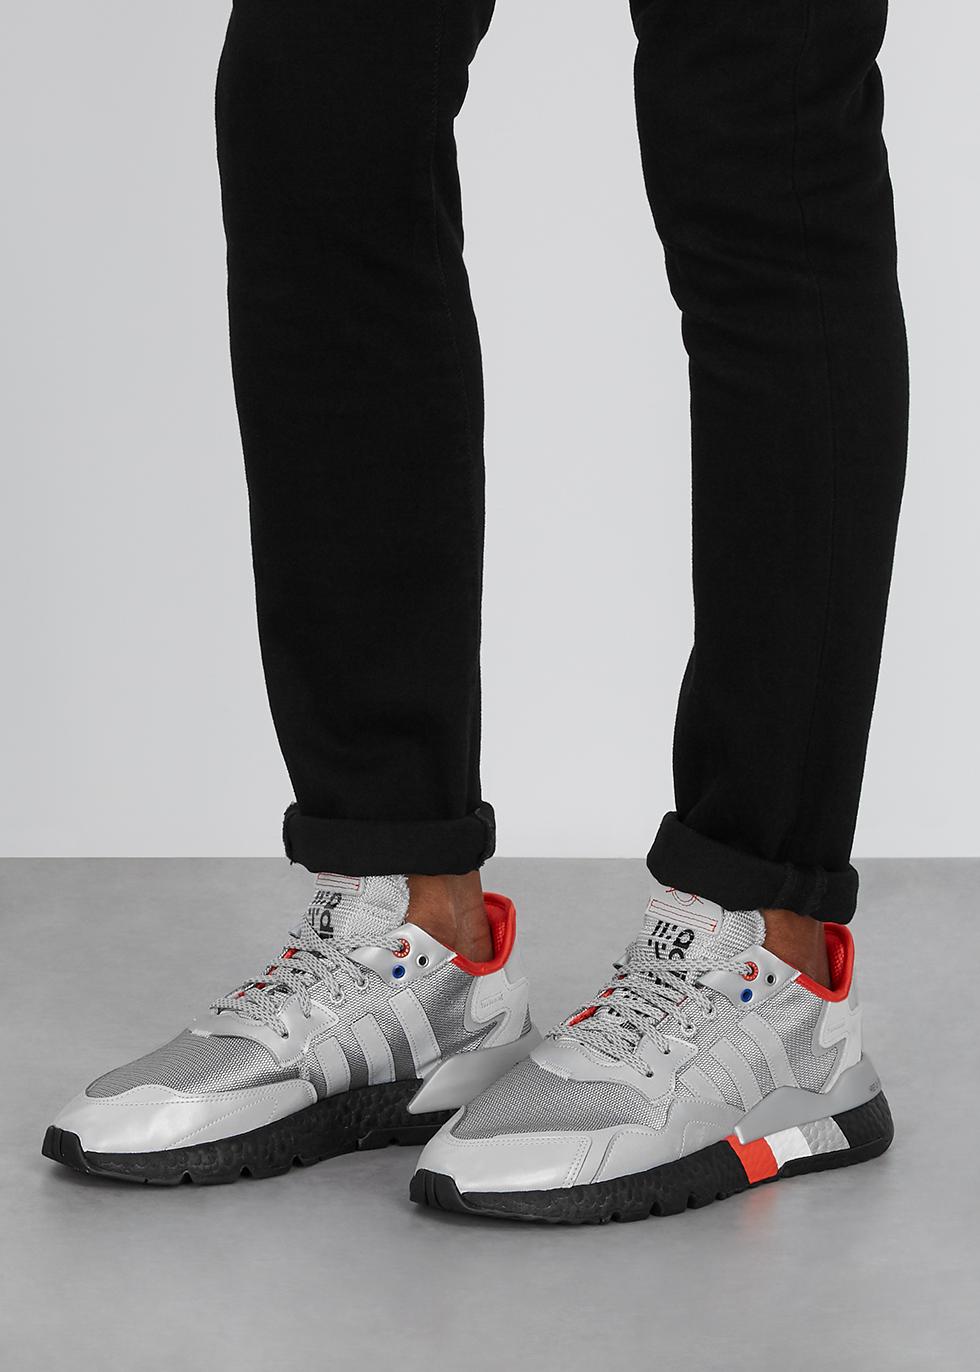 adidas originals nite jogger trainer in rose gold